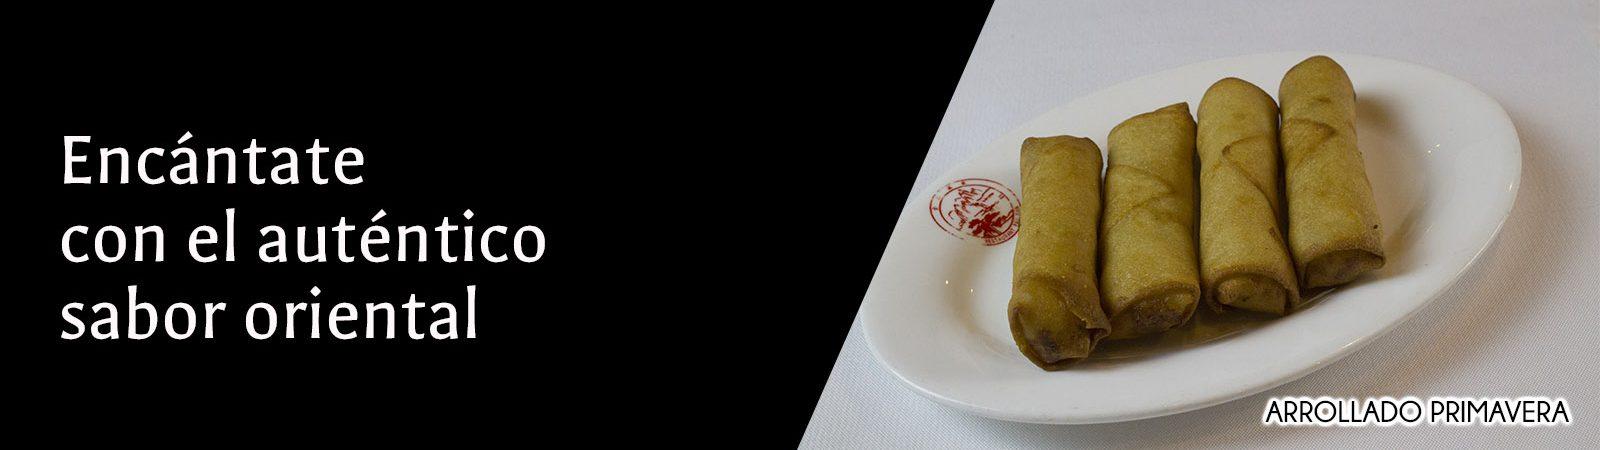 01-parquechina-menu-PICAR